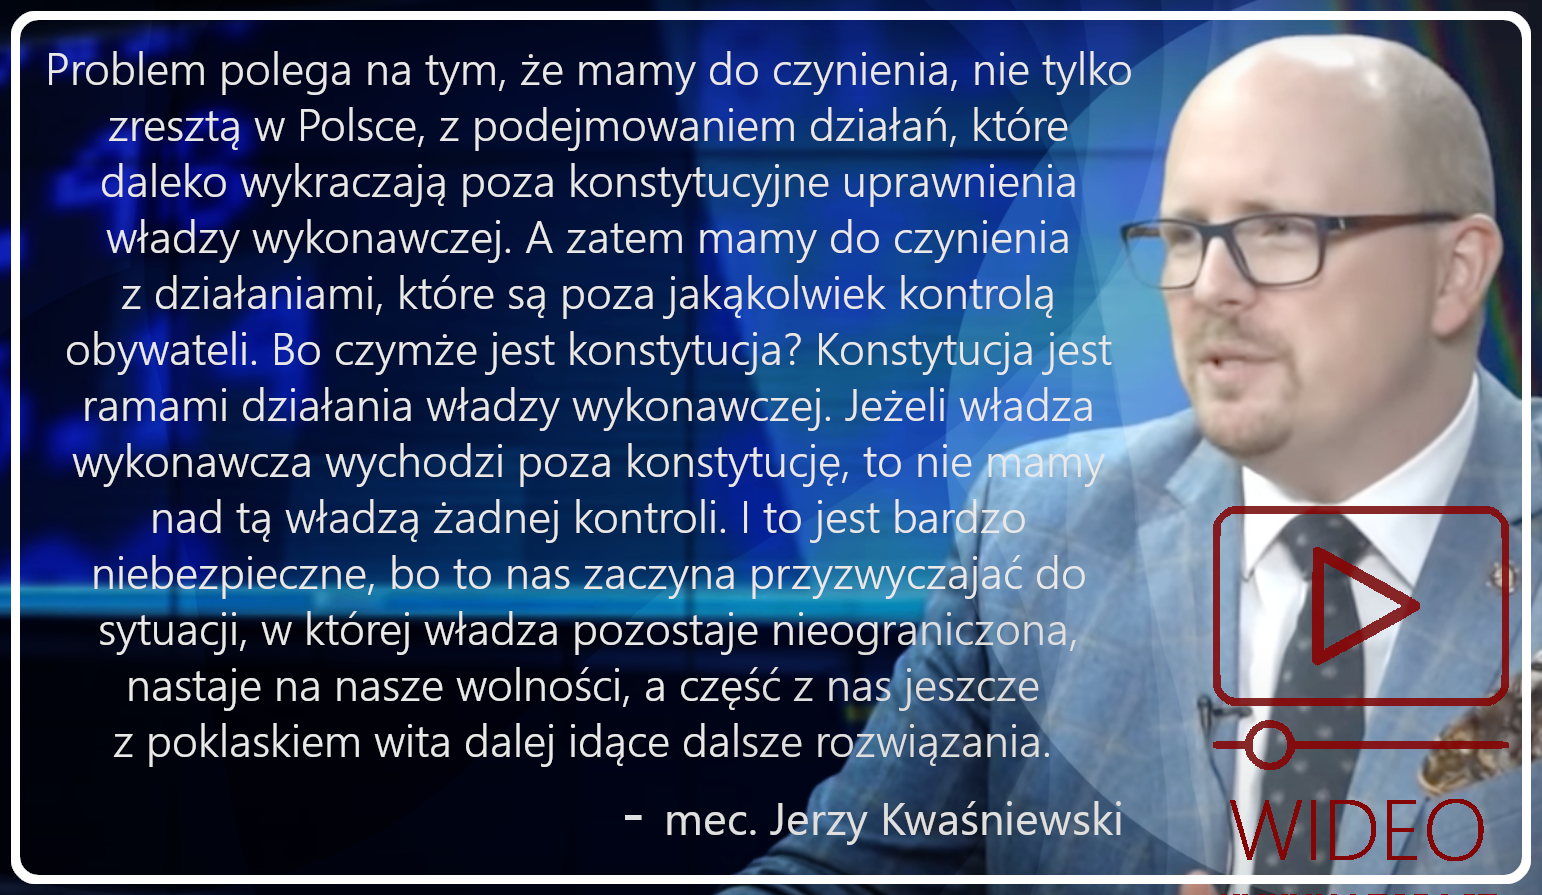 Zobacz wywiad z mec. Jerzym Kwasniewskim z Ordo Iuris - https://youtu.be/koFTWMKFRD0